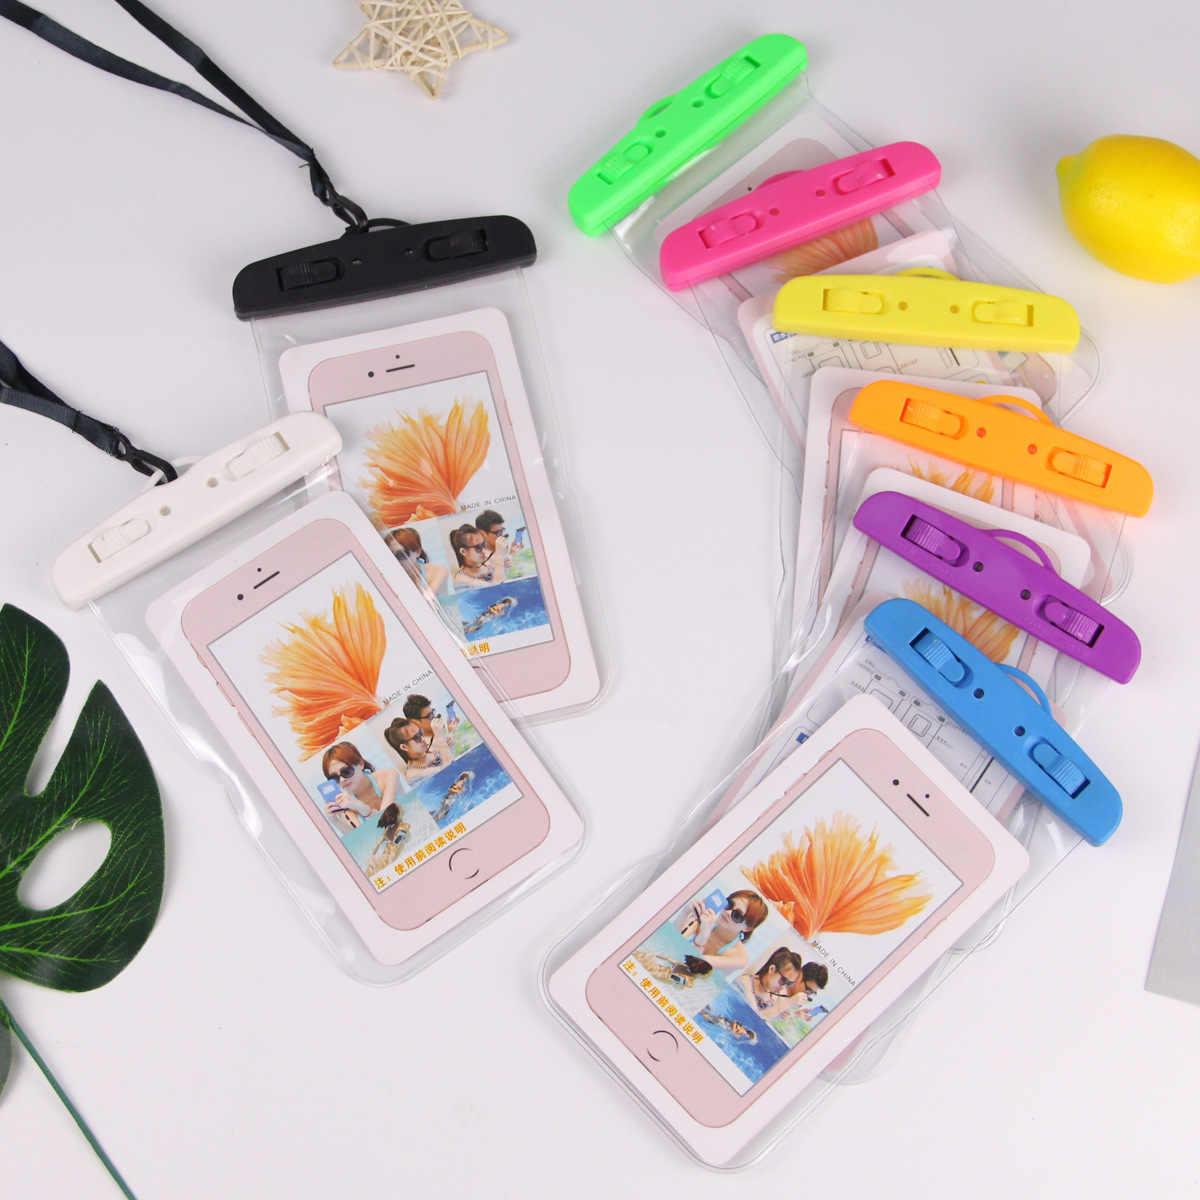 Menyelam Arung Jeram Tas Tahan Air untuk iPhone Ponsel Disegel Tas untuk Xiaomi Renang Pouch untuk Samsung untuk Huawei Universal